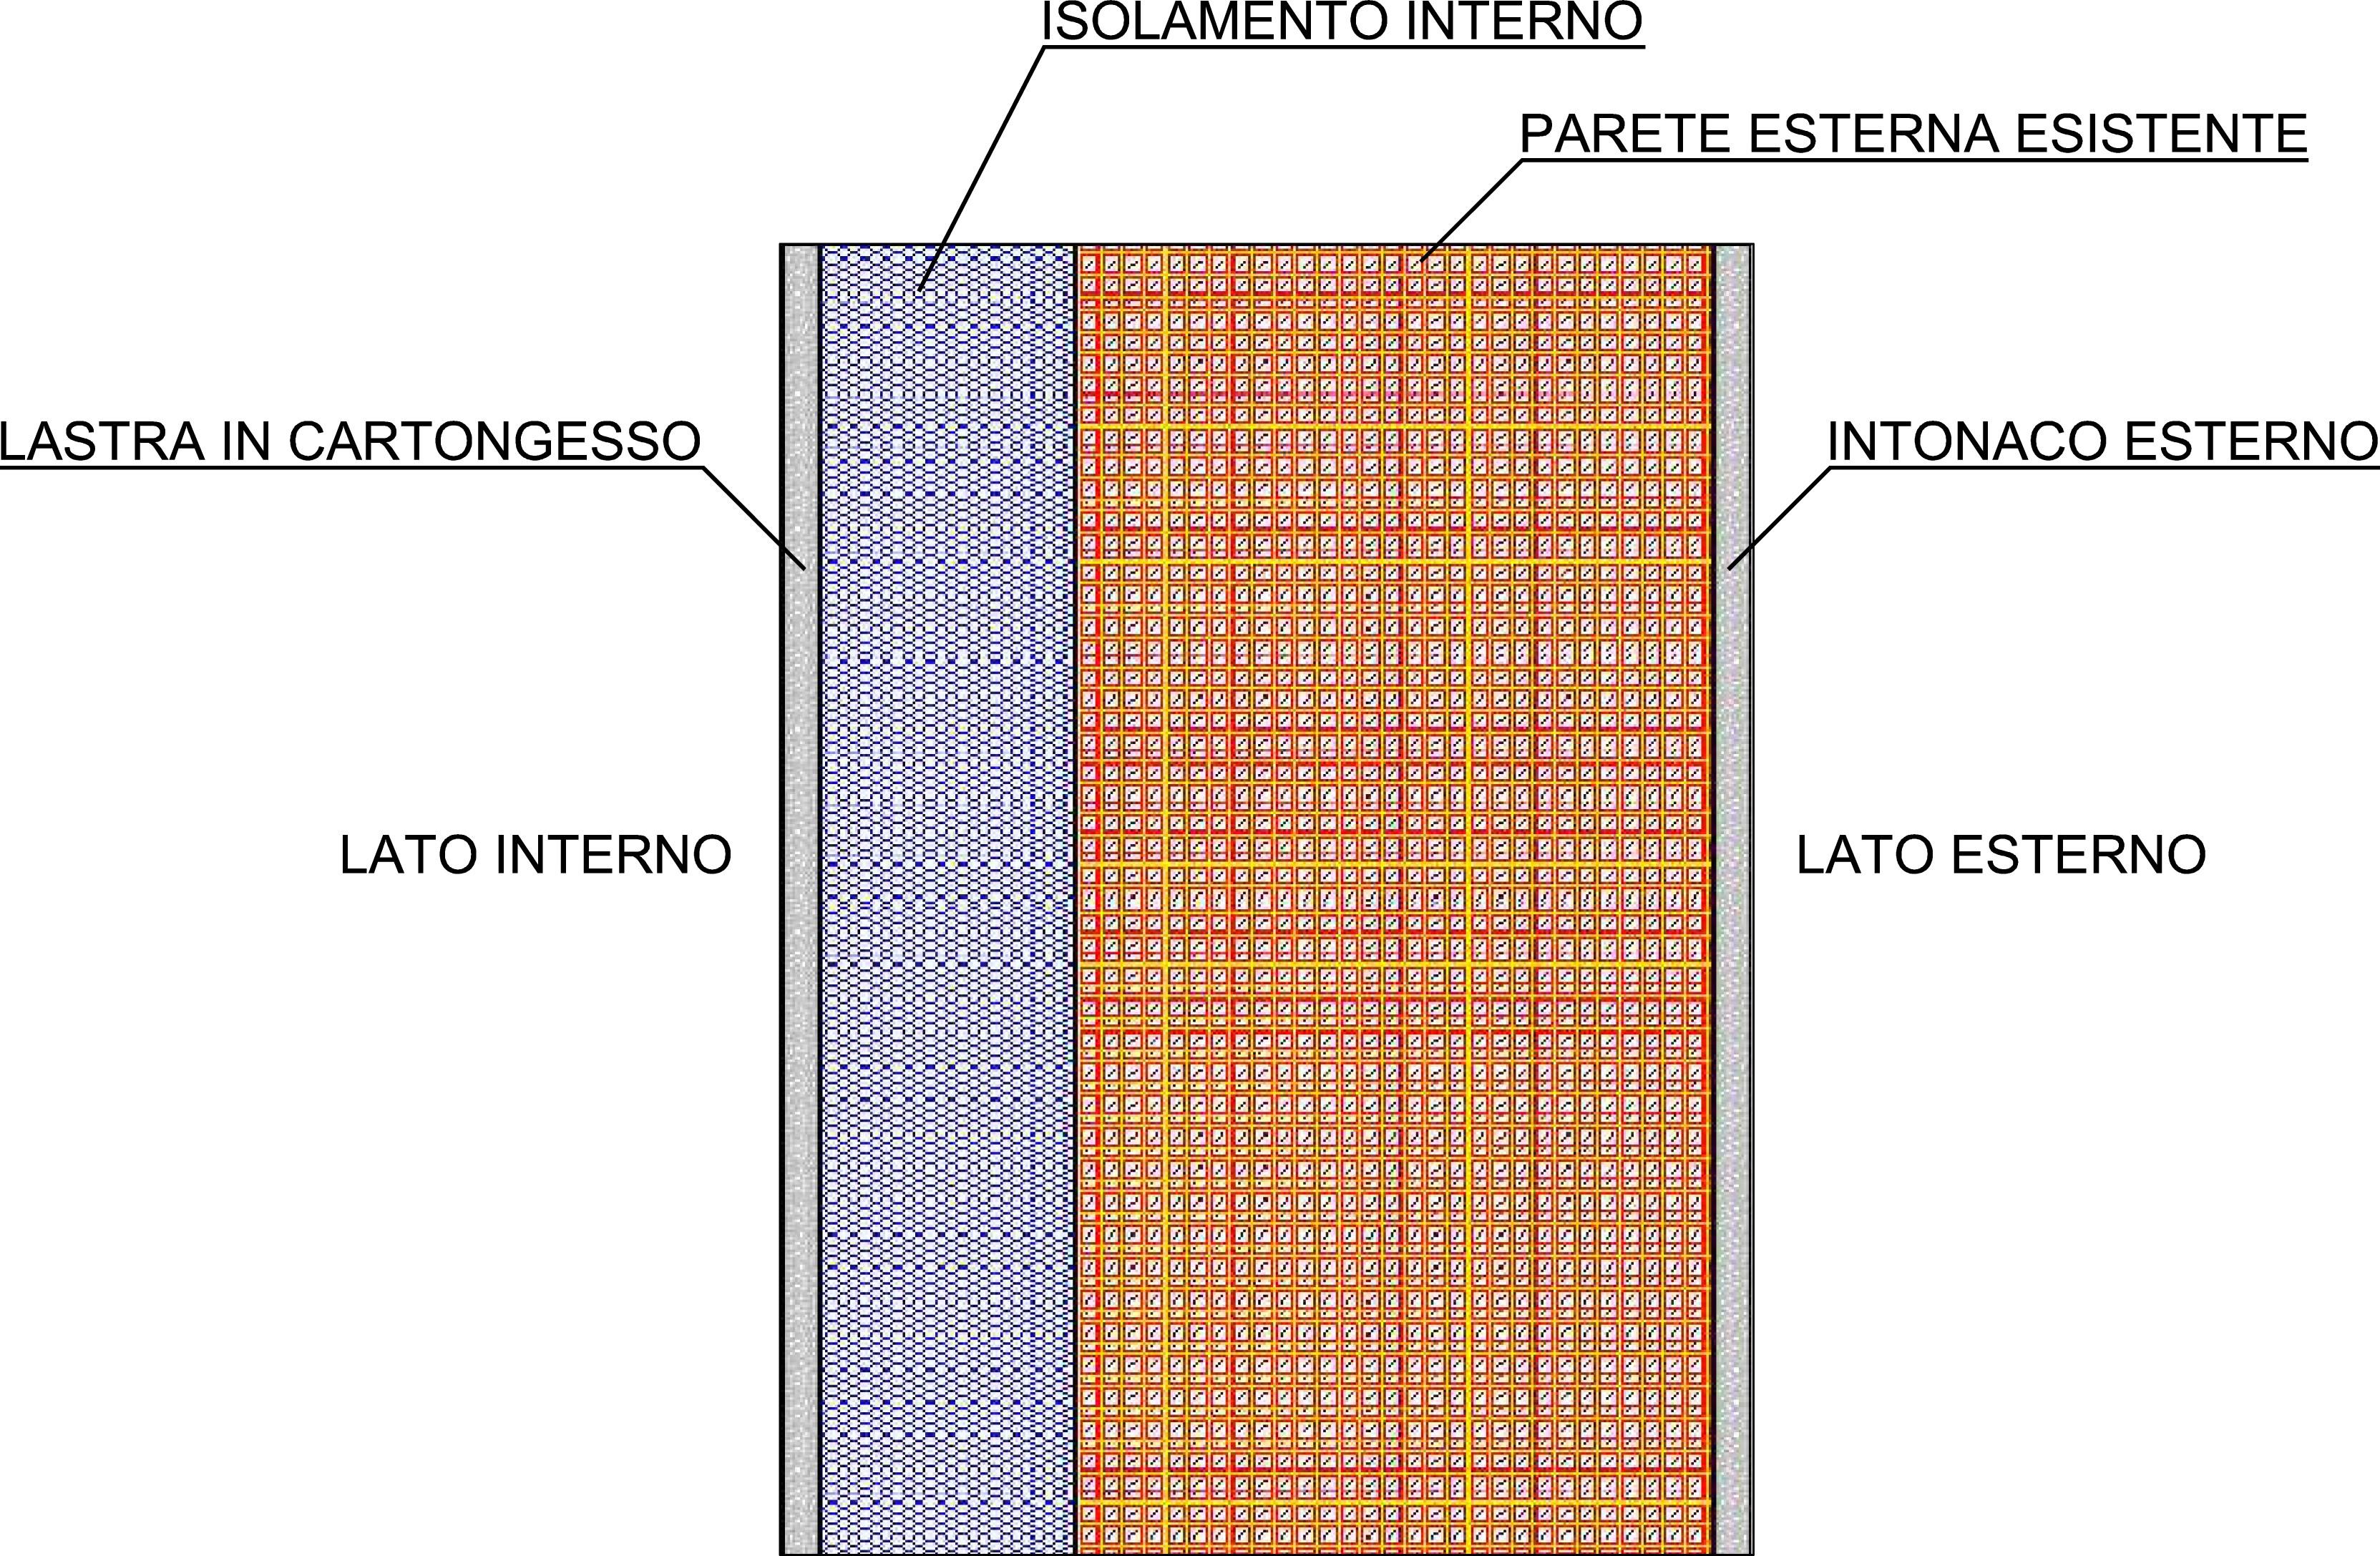 Materiali Per Coibentare Pareti Interne riqualificazione energetica: tipologie di isolamento termico